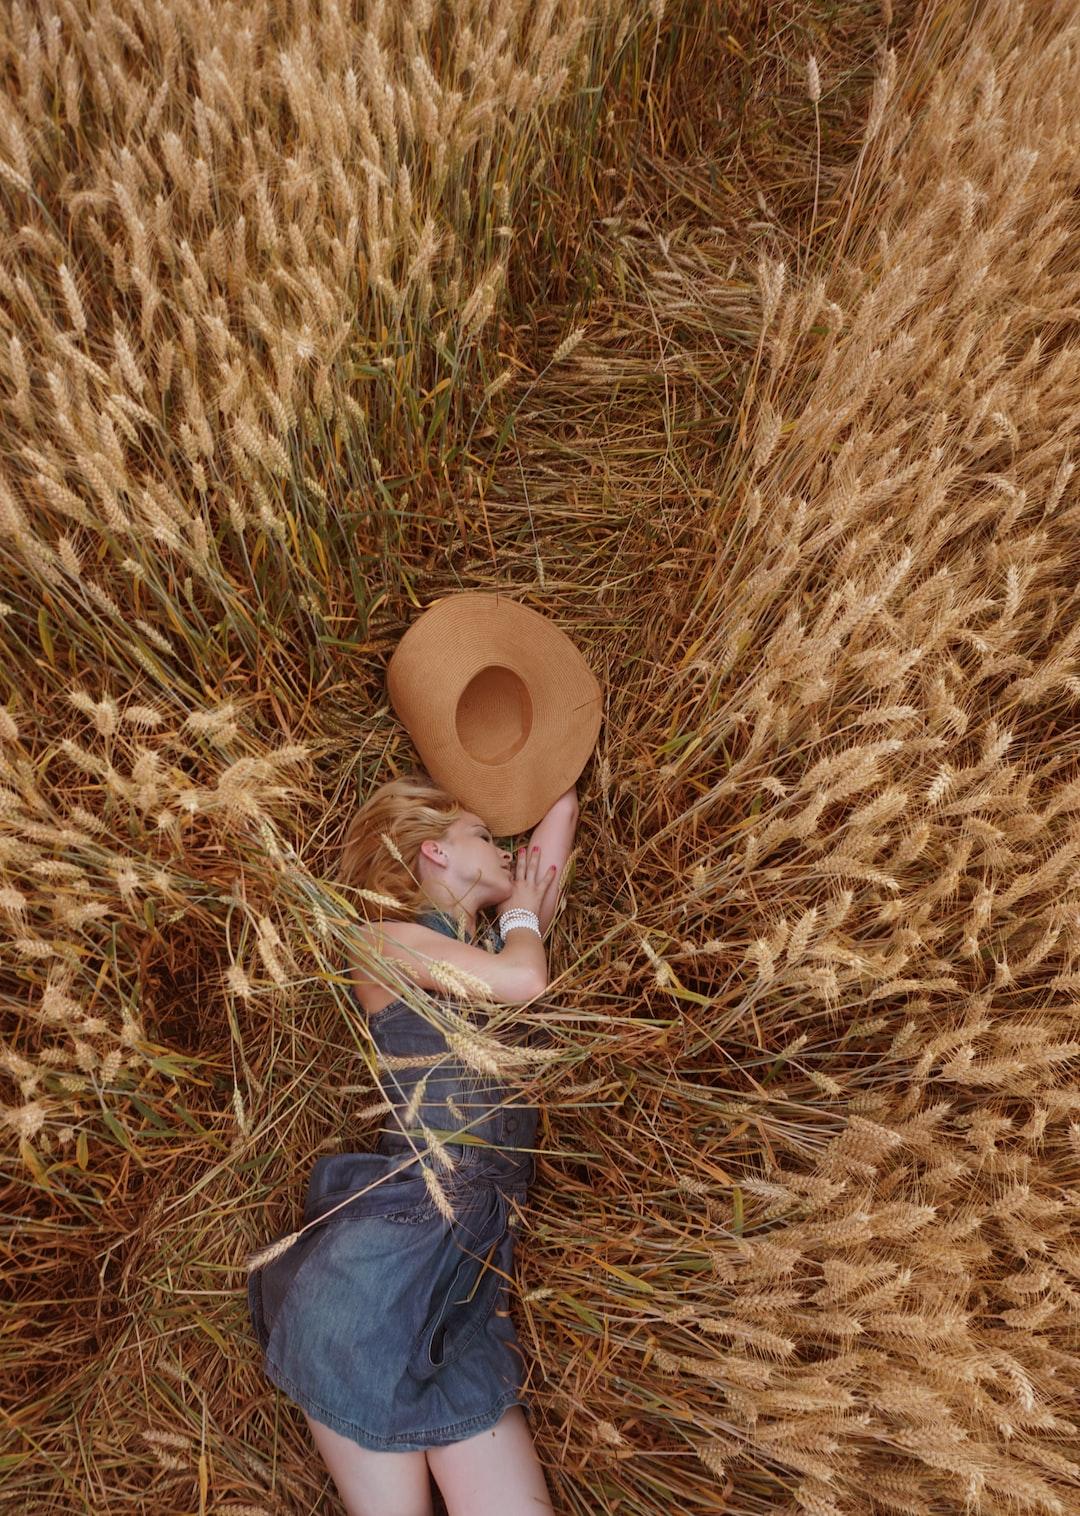 Girl lying in the wheat